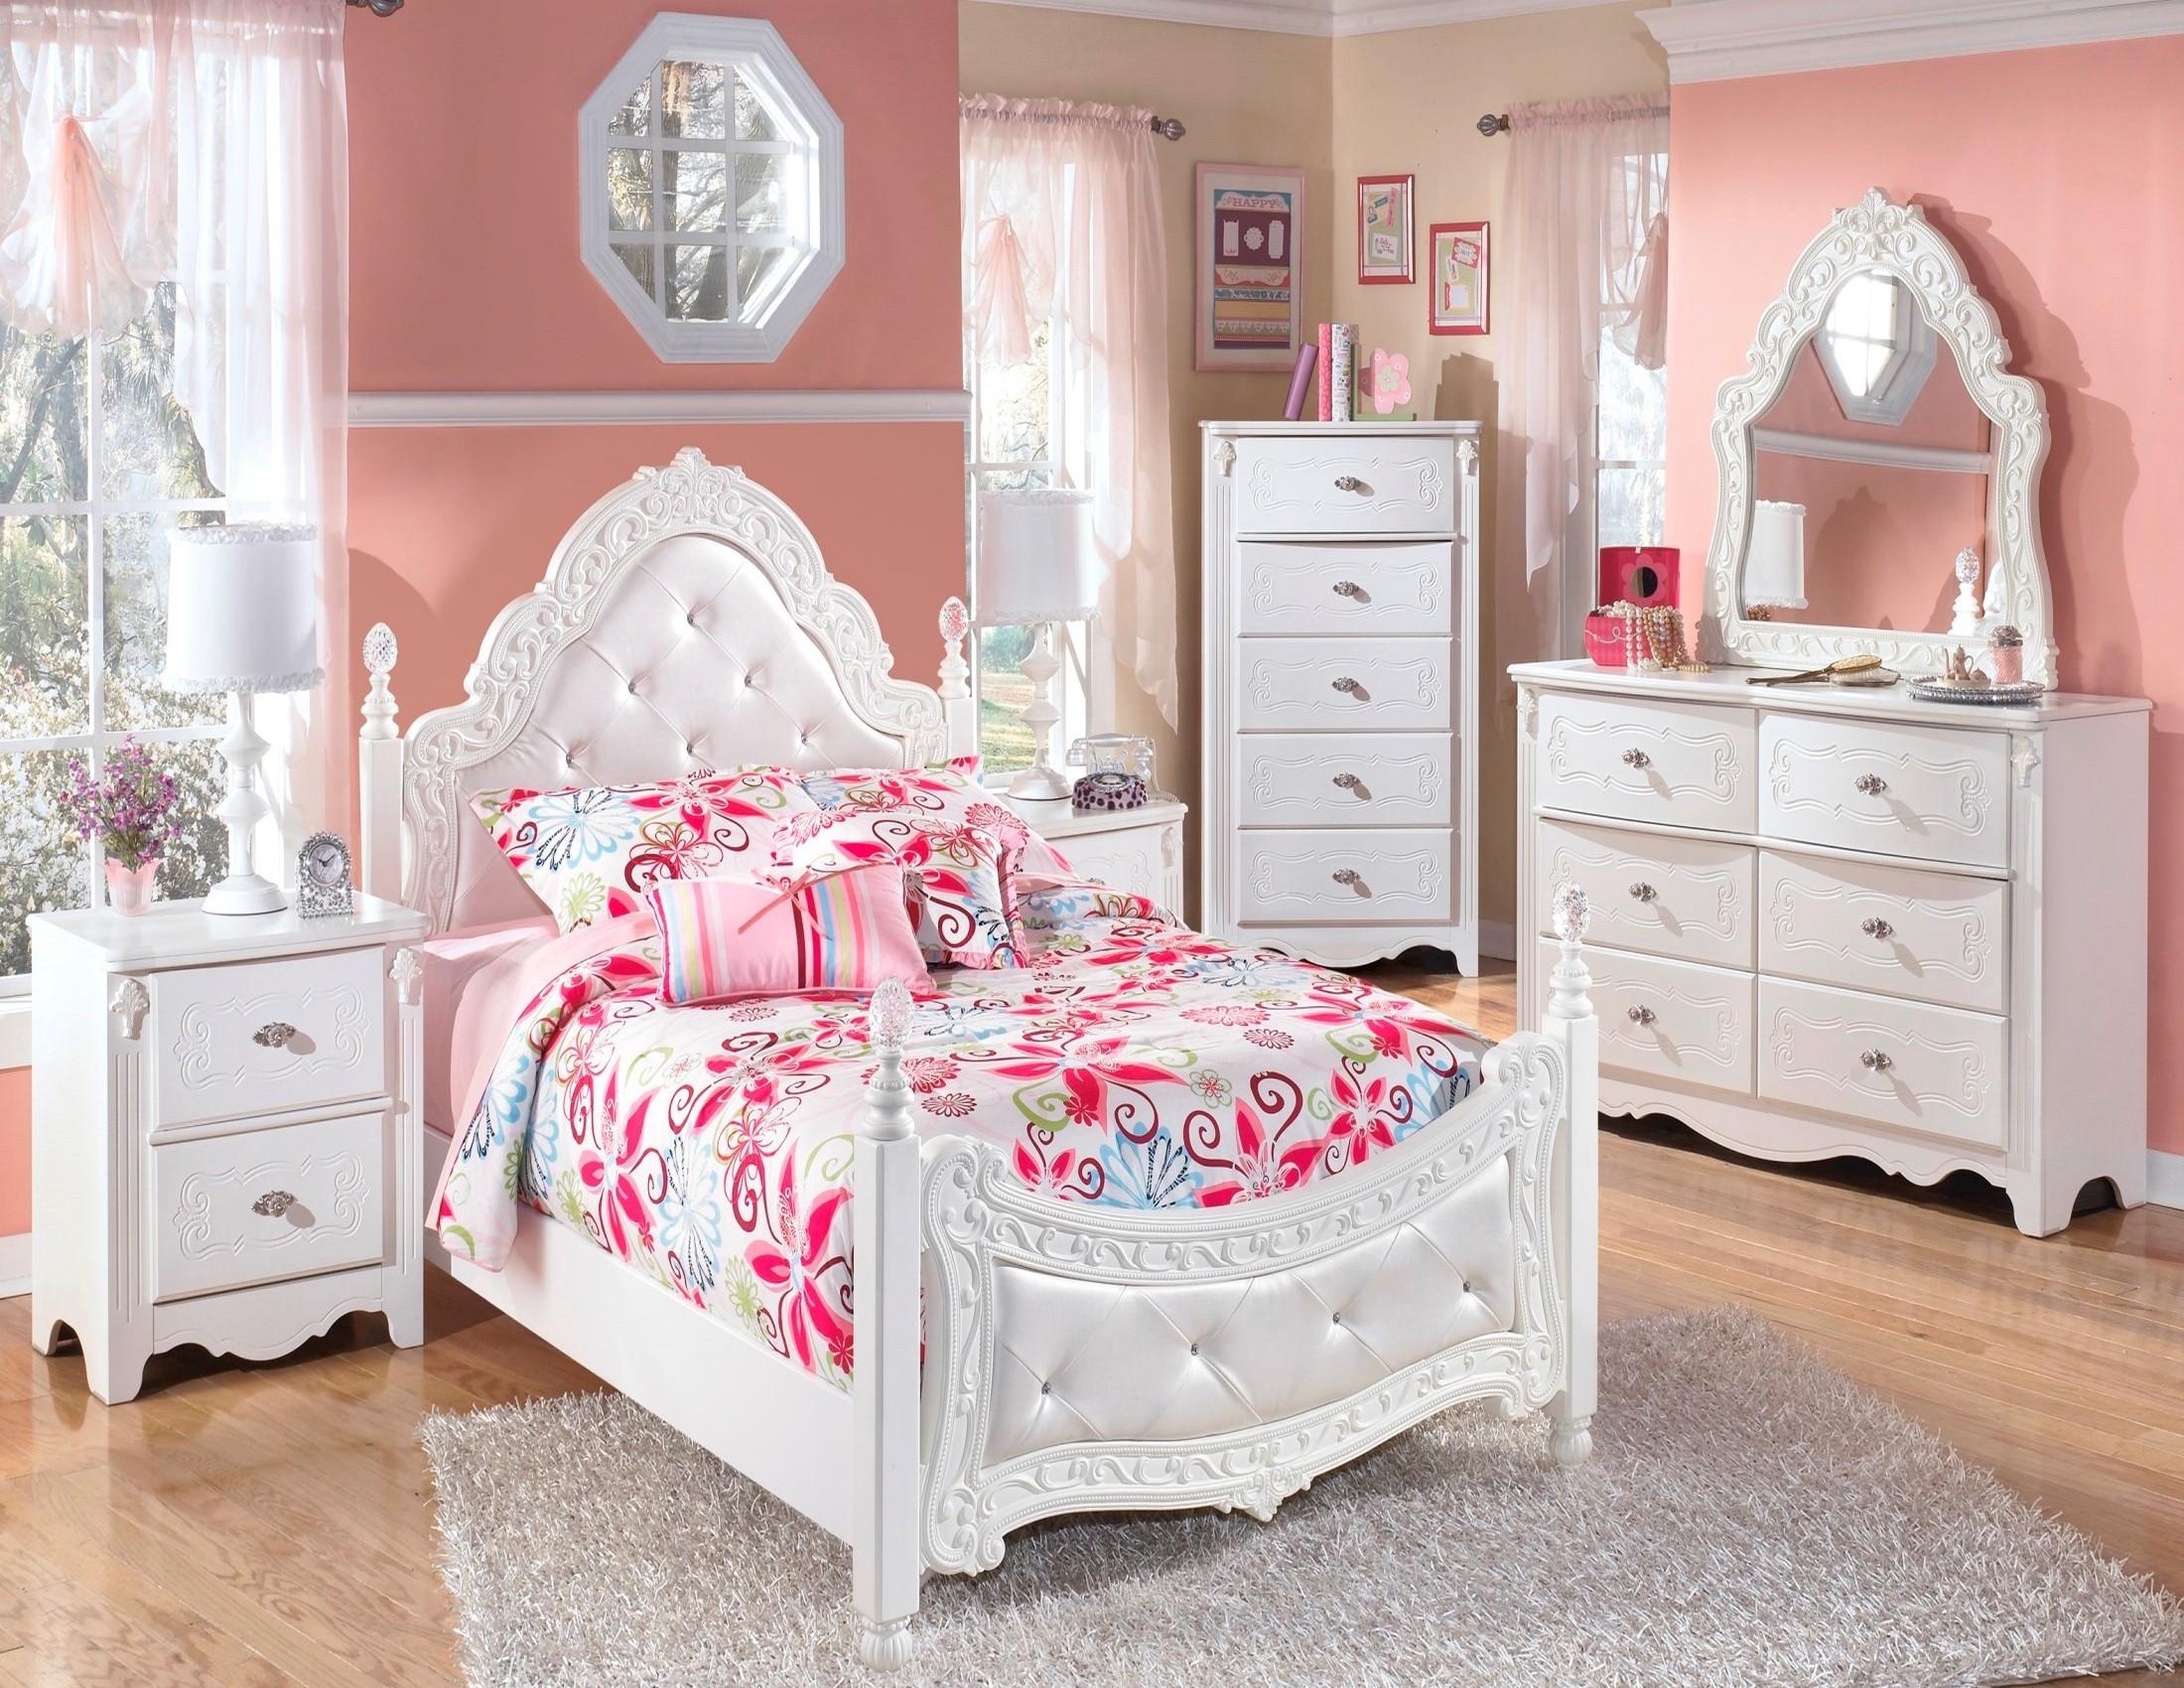 Wayfair Bedroom Sets Sale Bookcase Headboards Wayfair Wood Headboard Clipgoo 100 Debenhams Bed